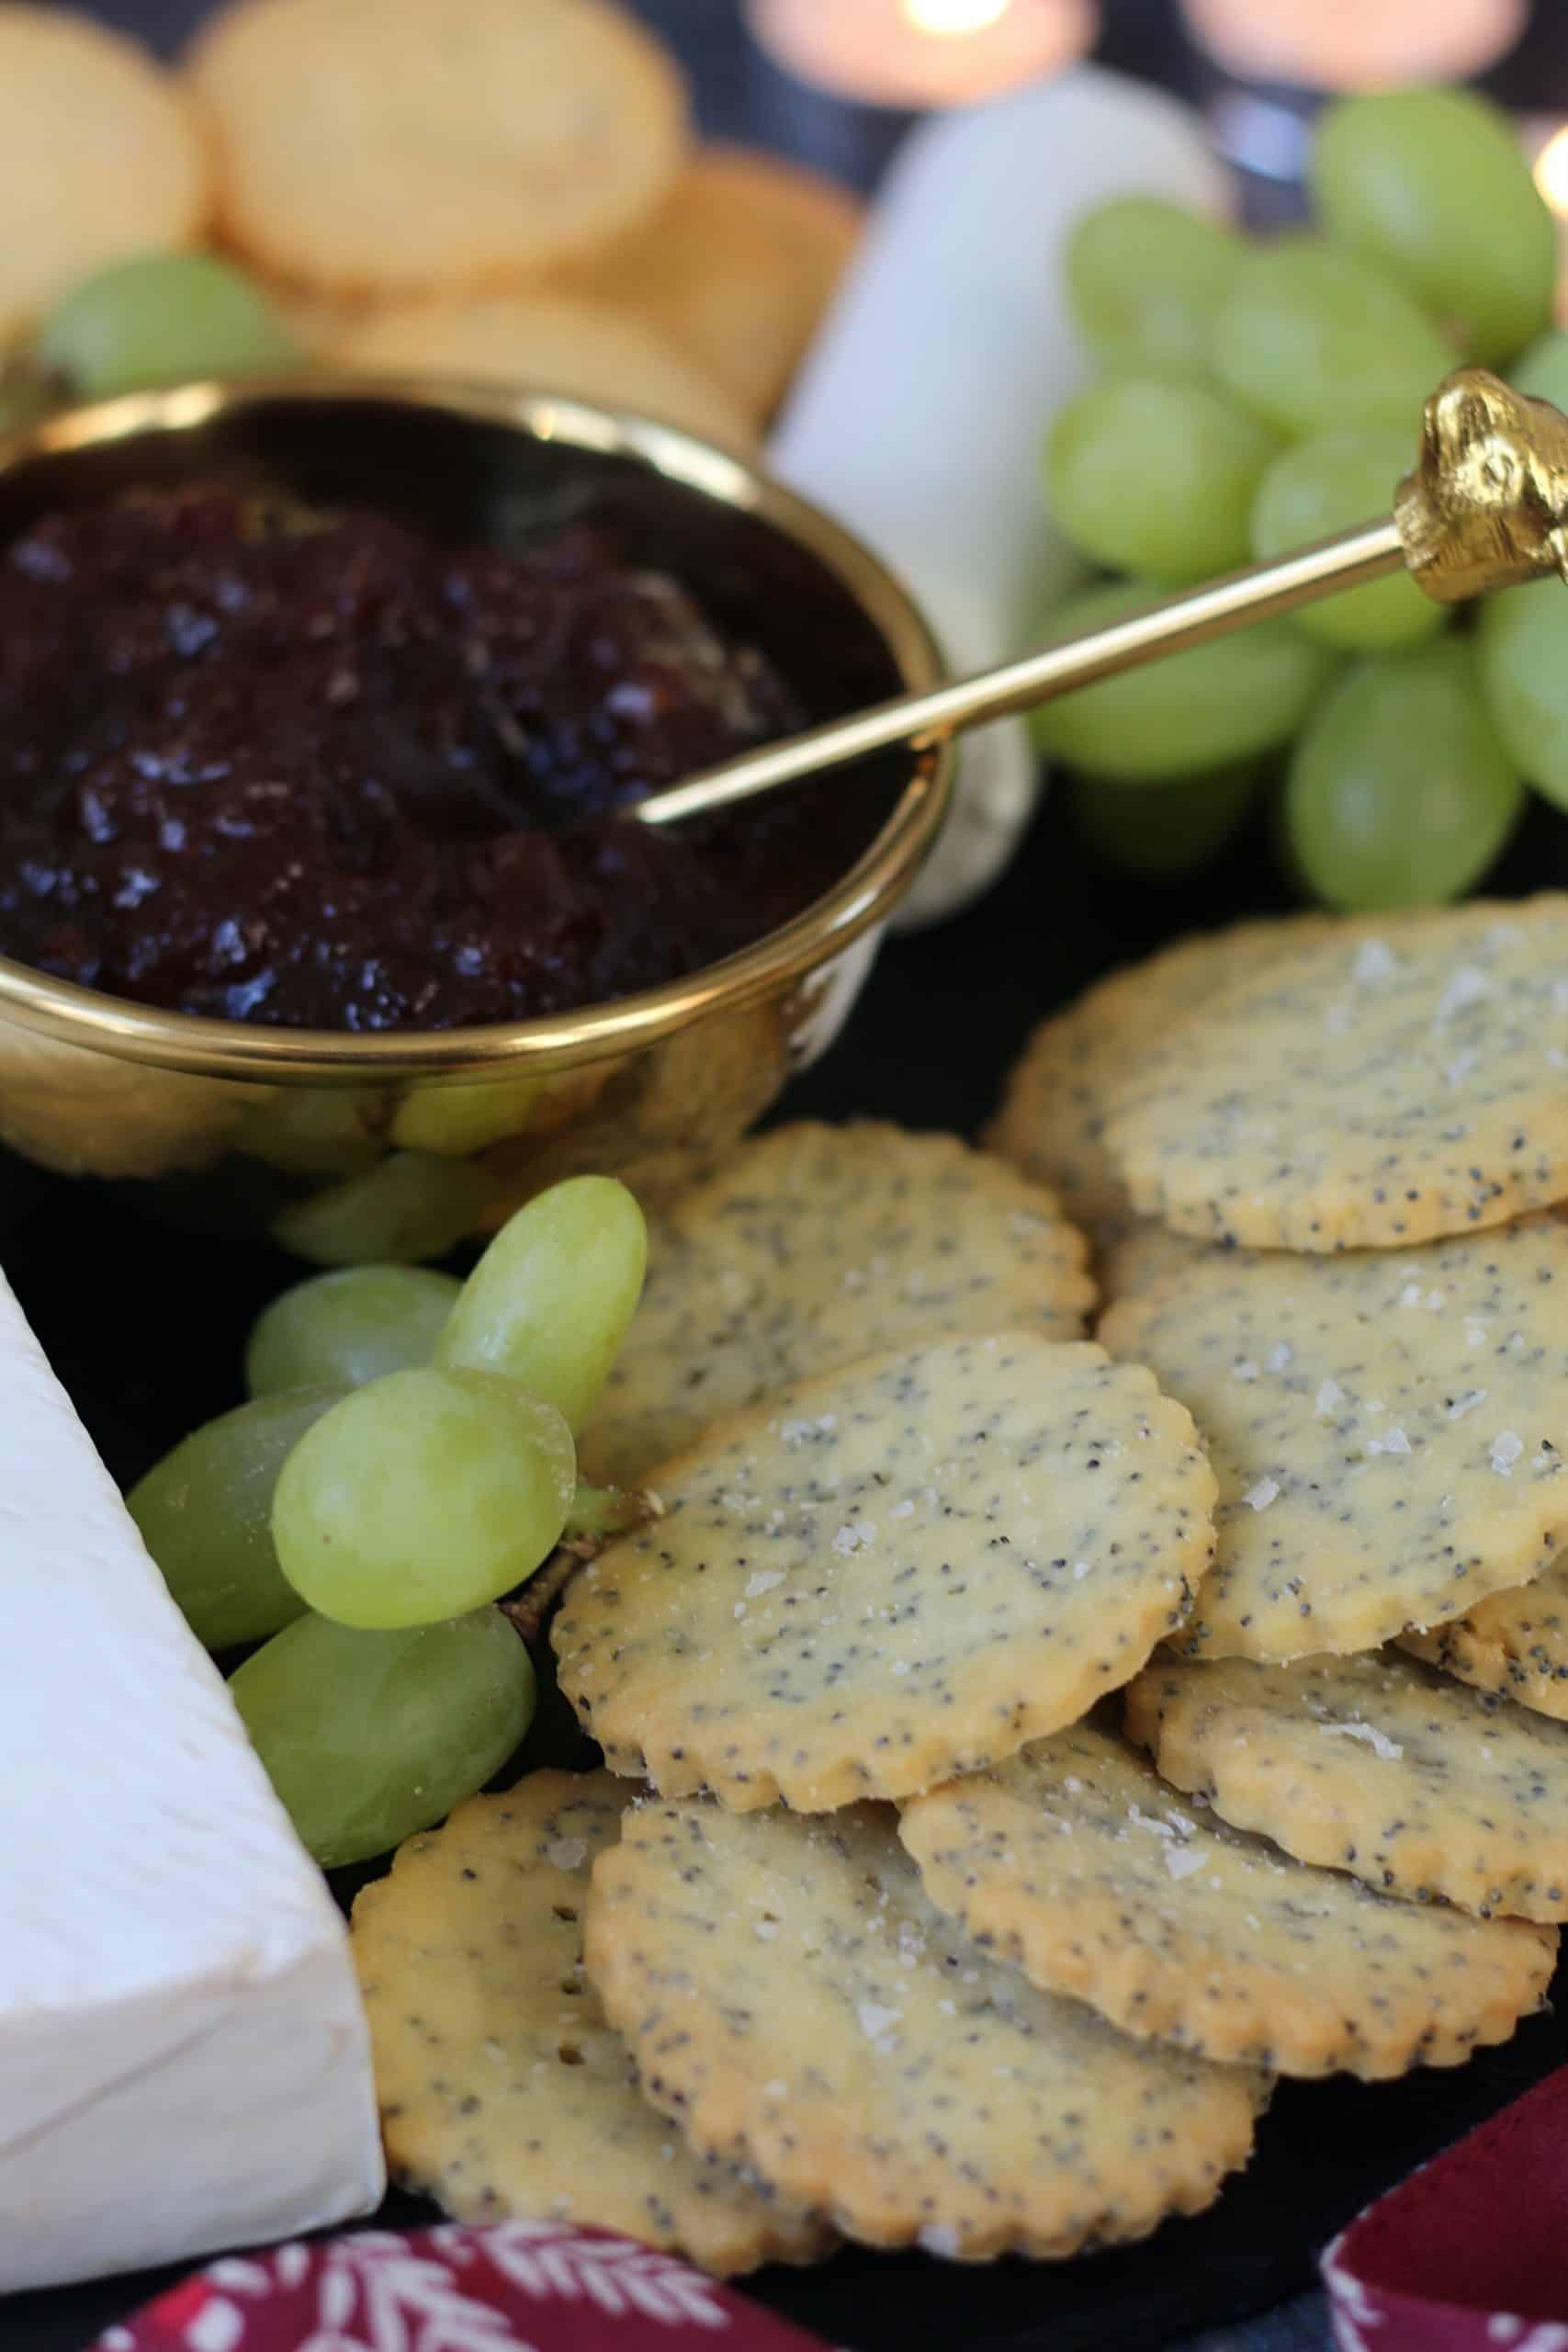 savoury gluten free biscuits